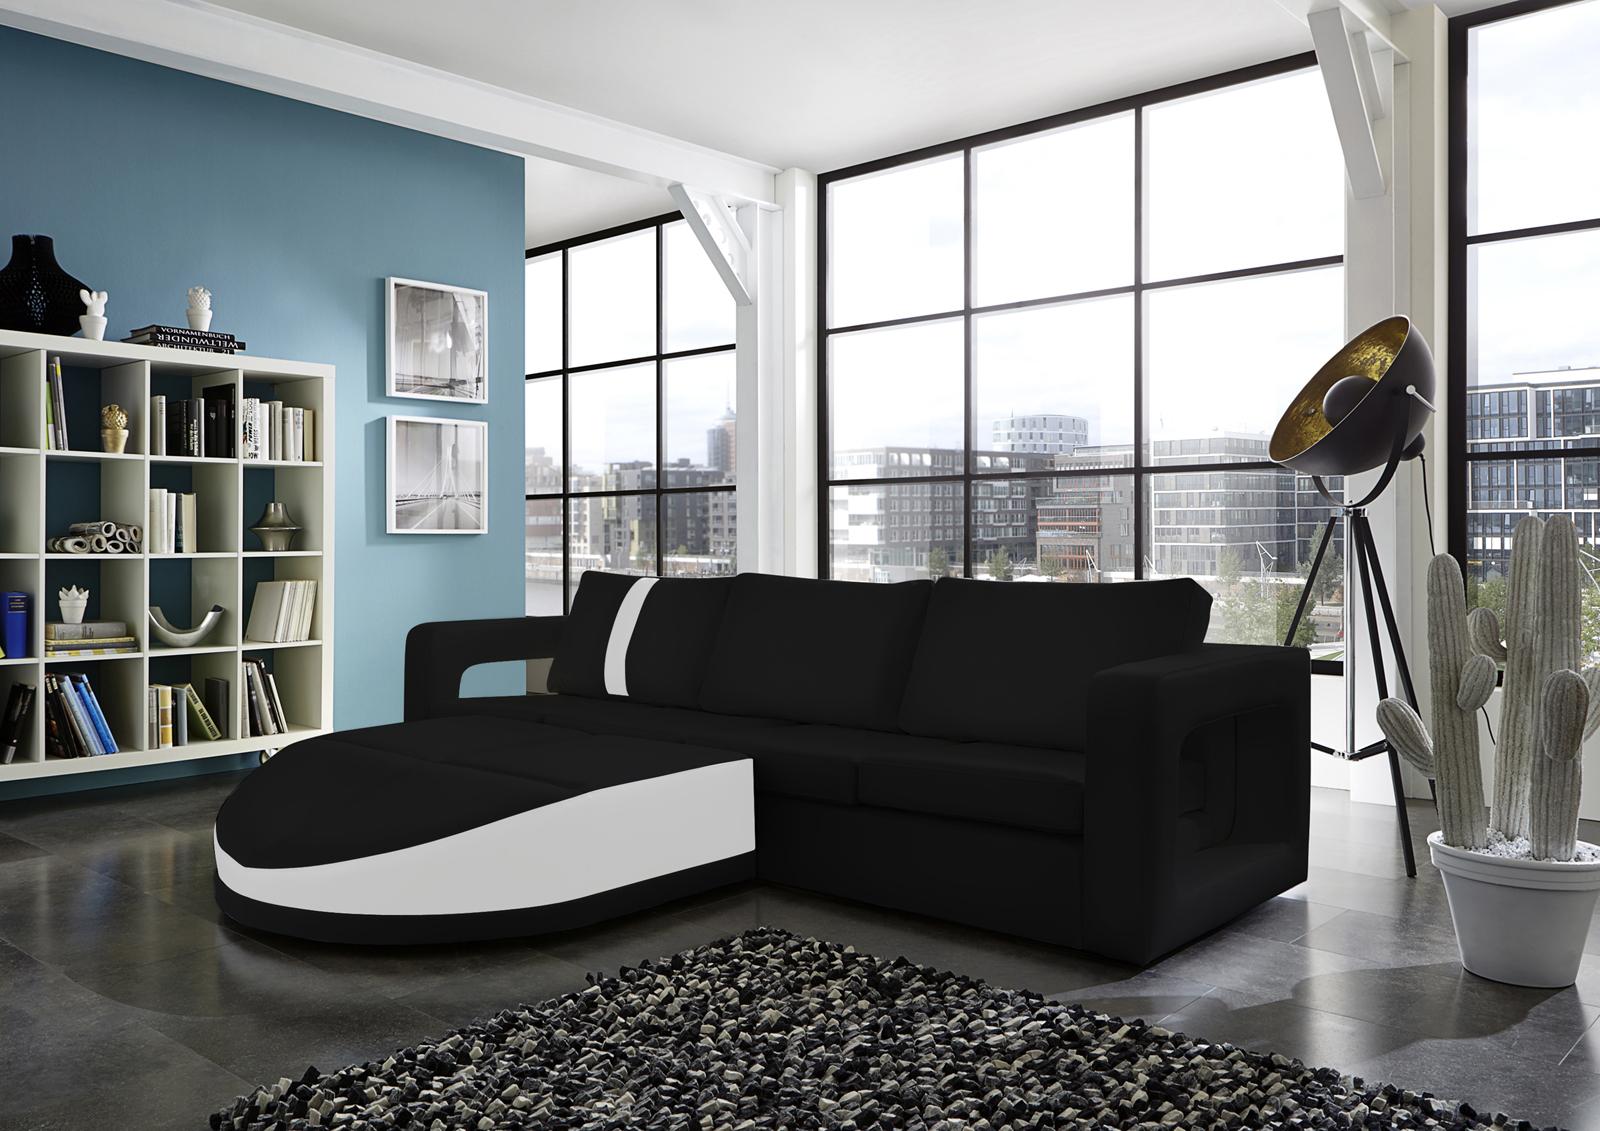 funvit.com | farbkombi wohnzimmer türkis braun grau - Wohnzimmer Schwarz Pink